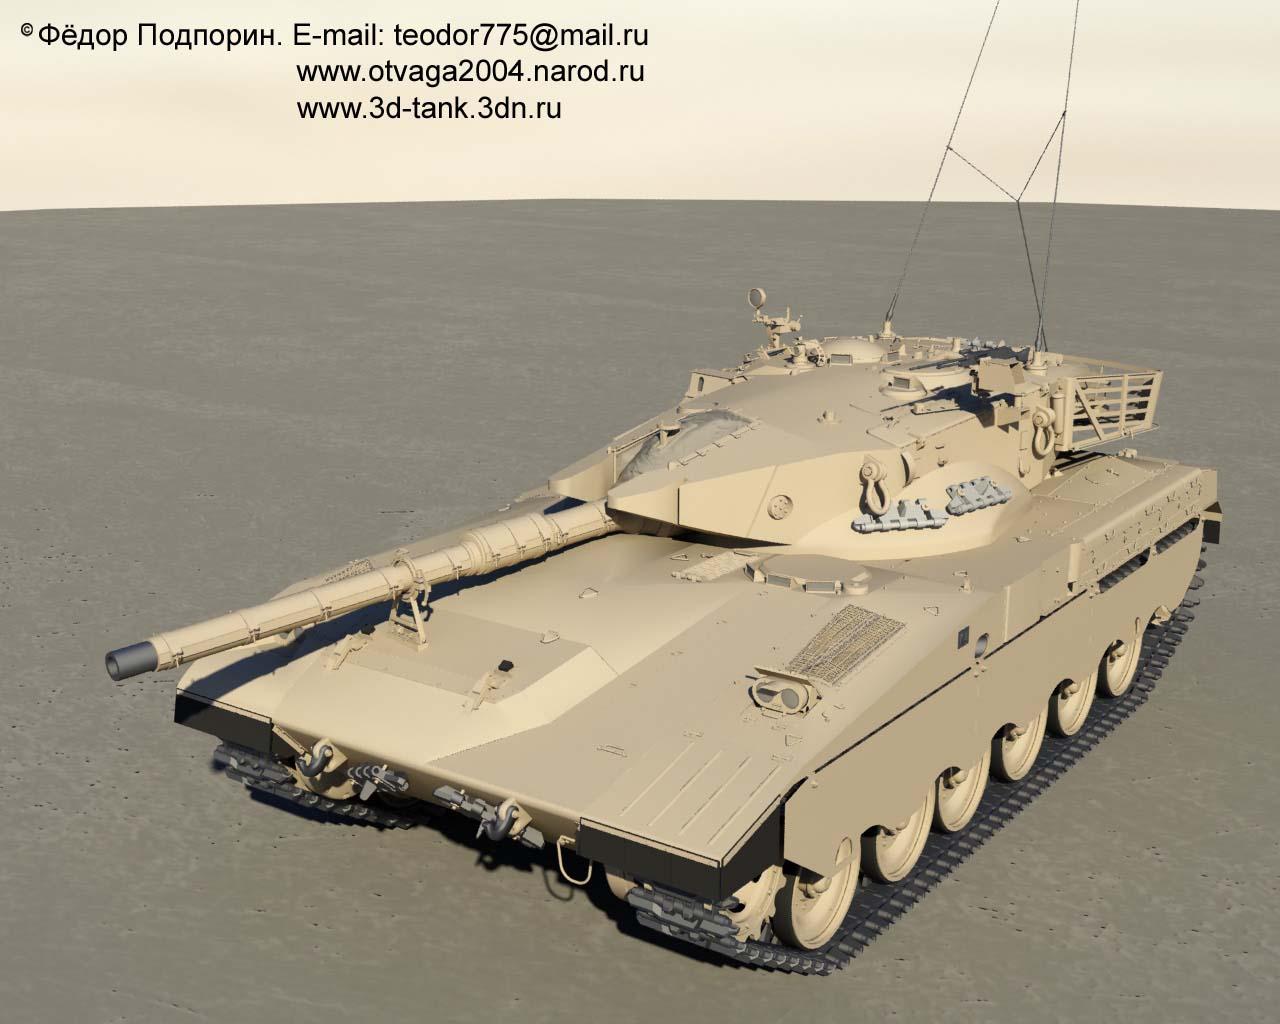 merkava-teodor775-otvaga2004-105